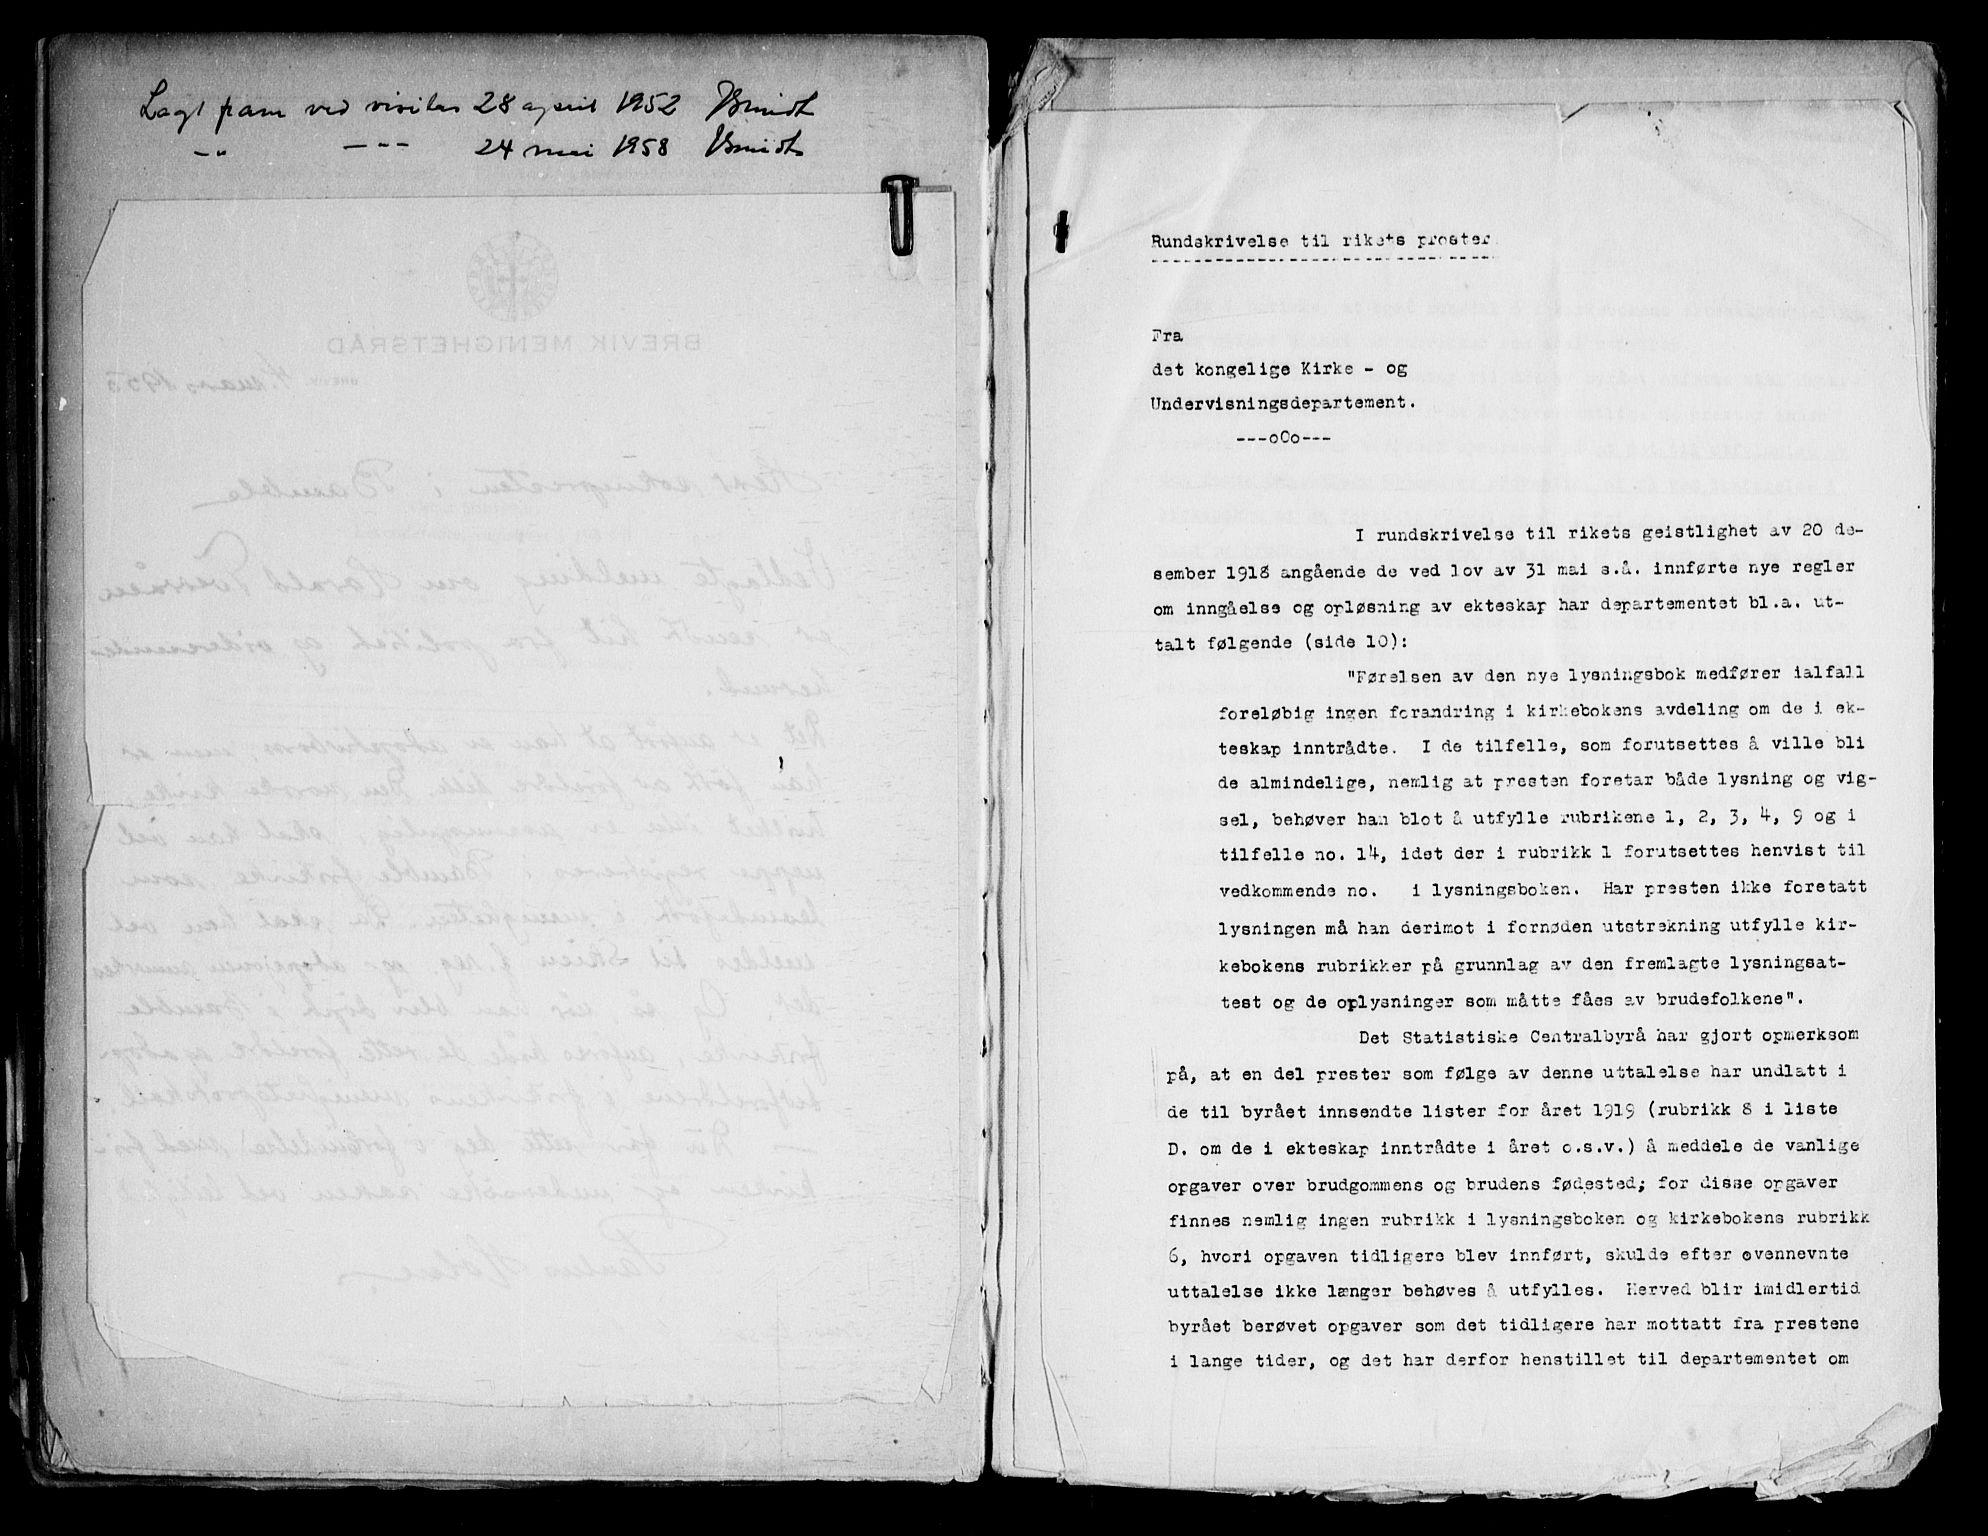 SAKO, Bamble kirkebøker, H/Ha/L0002: Lysningsprotokoll nr. 2, 1948-1973